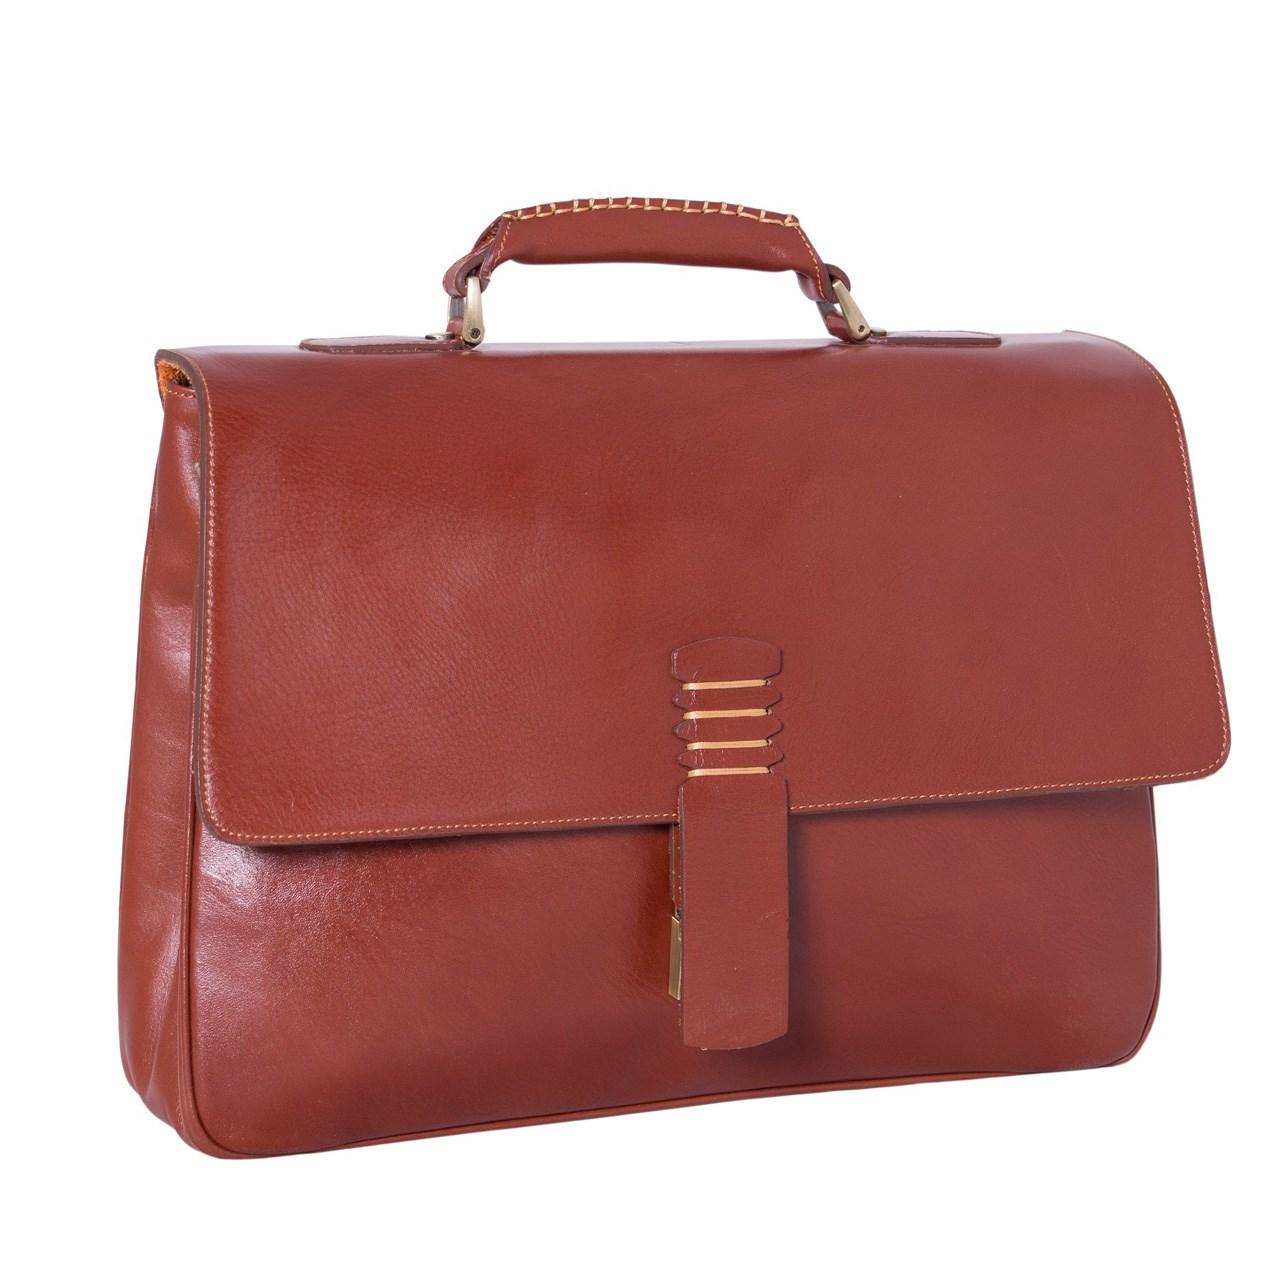 ADINCHARM natural leather office bag, DL4 Model